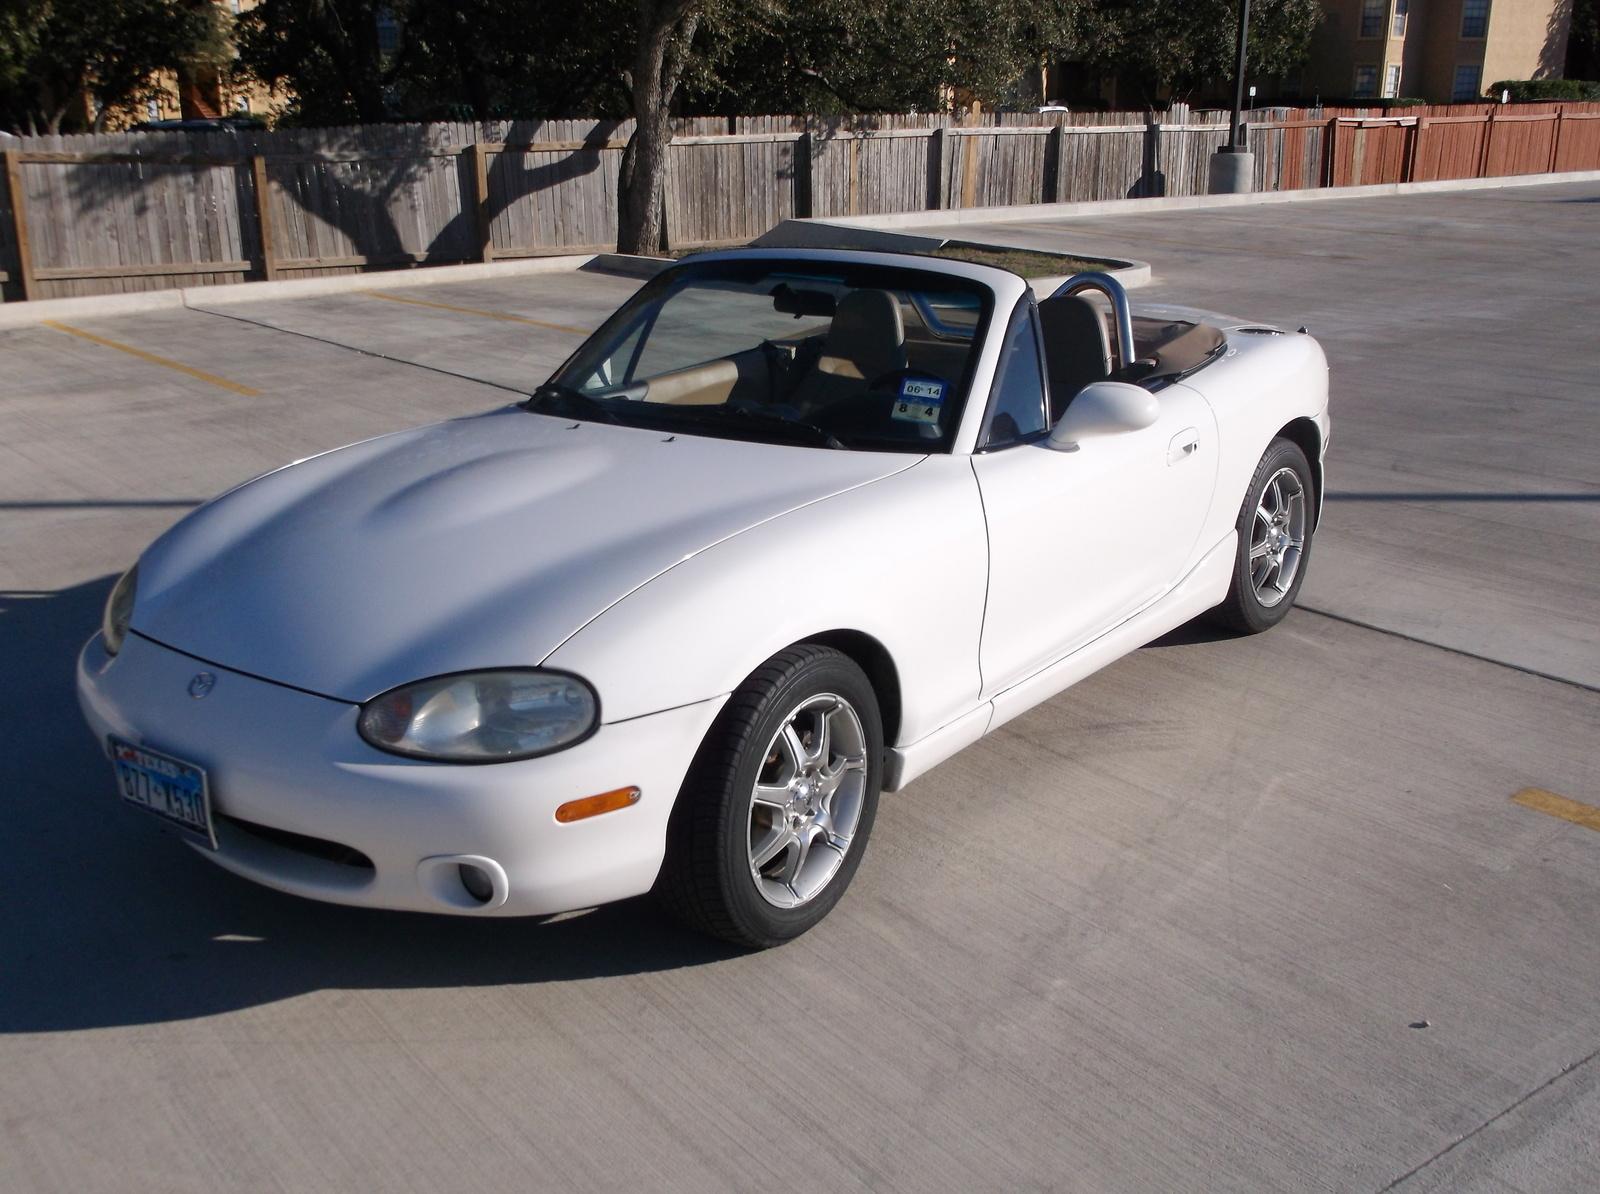 2000 Mazda Mx 5 Miata Pictures Cargurus